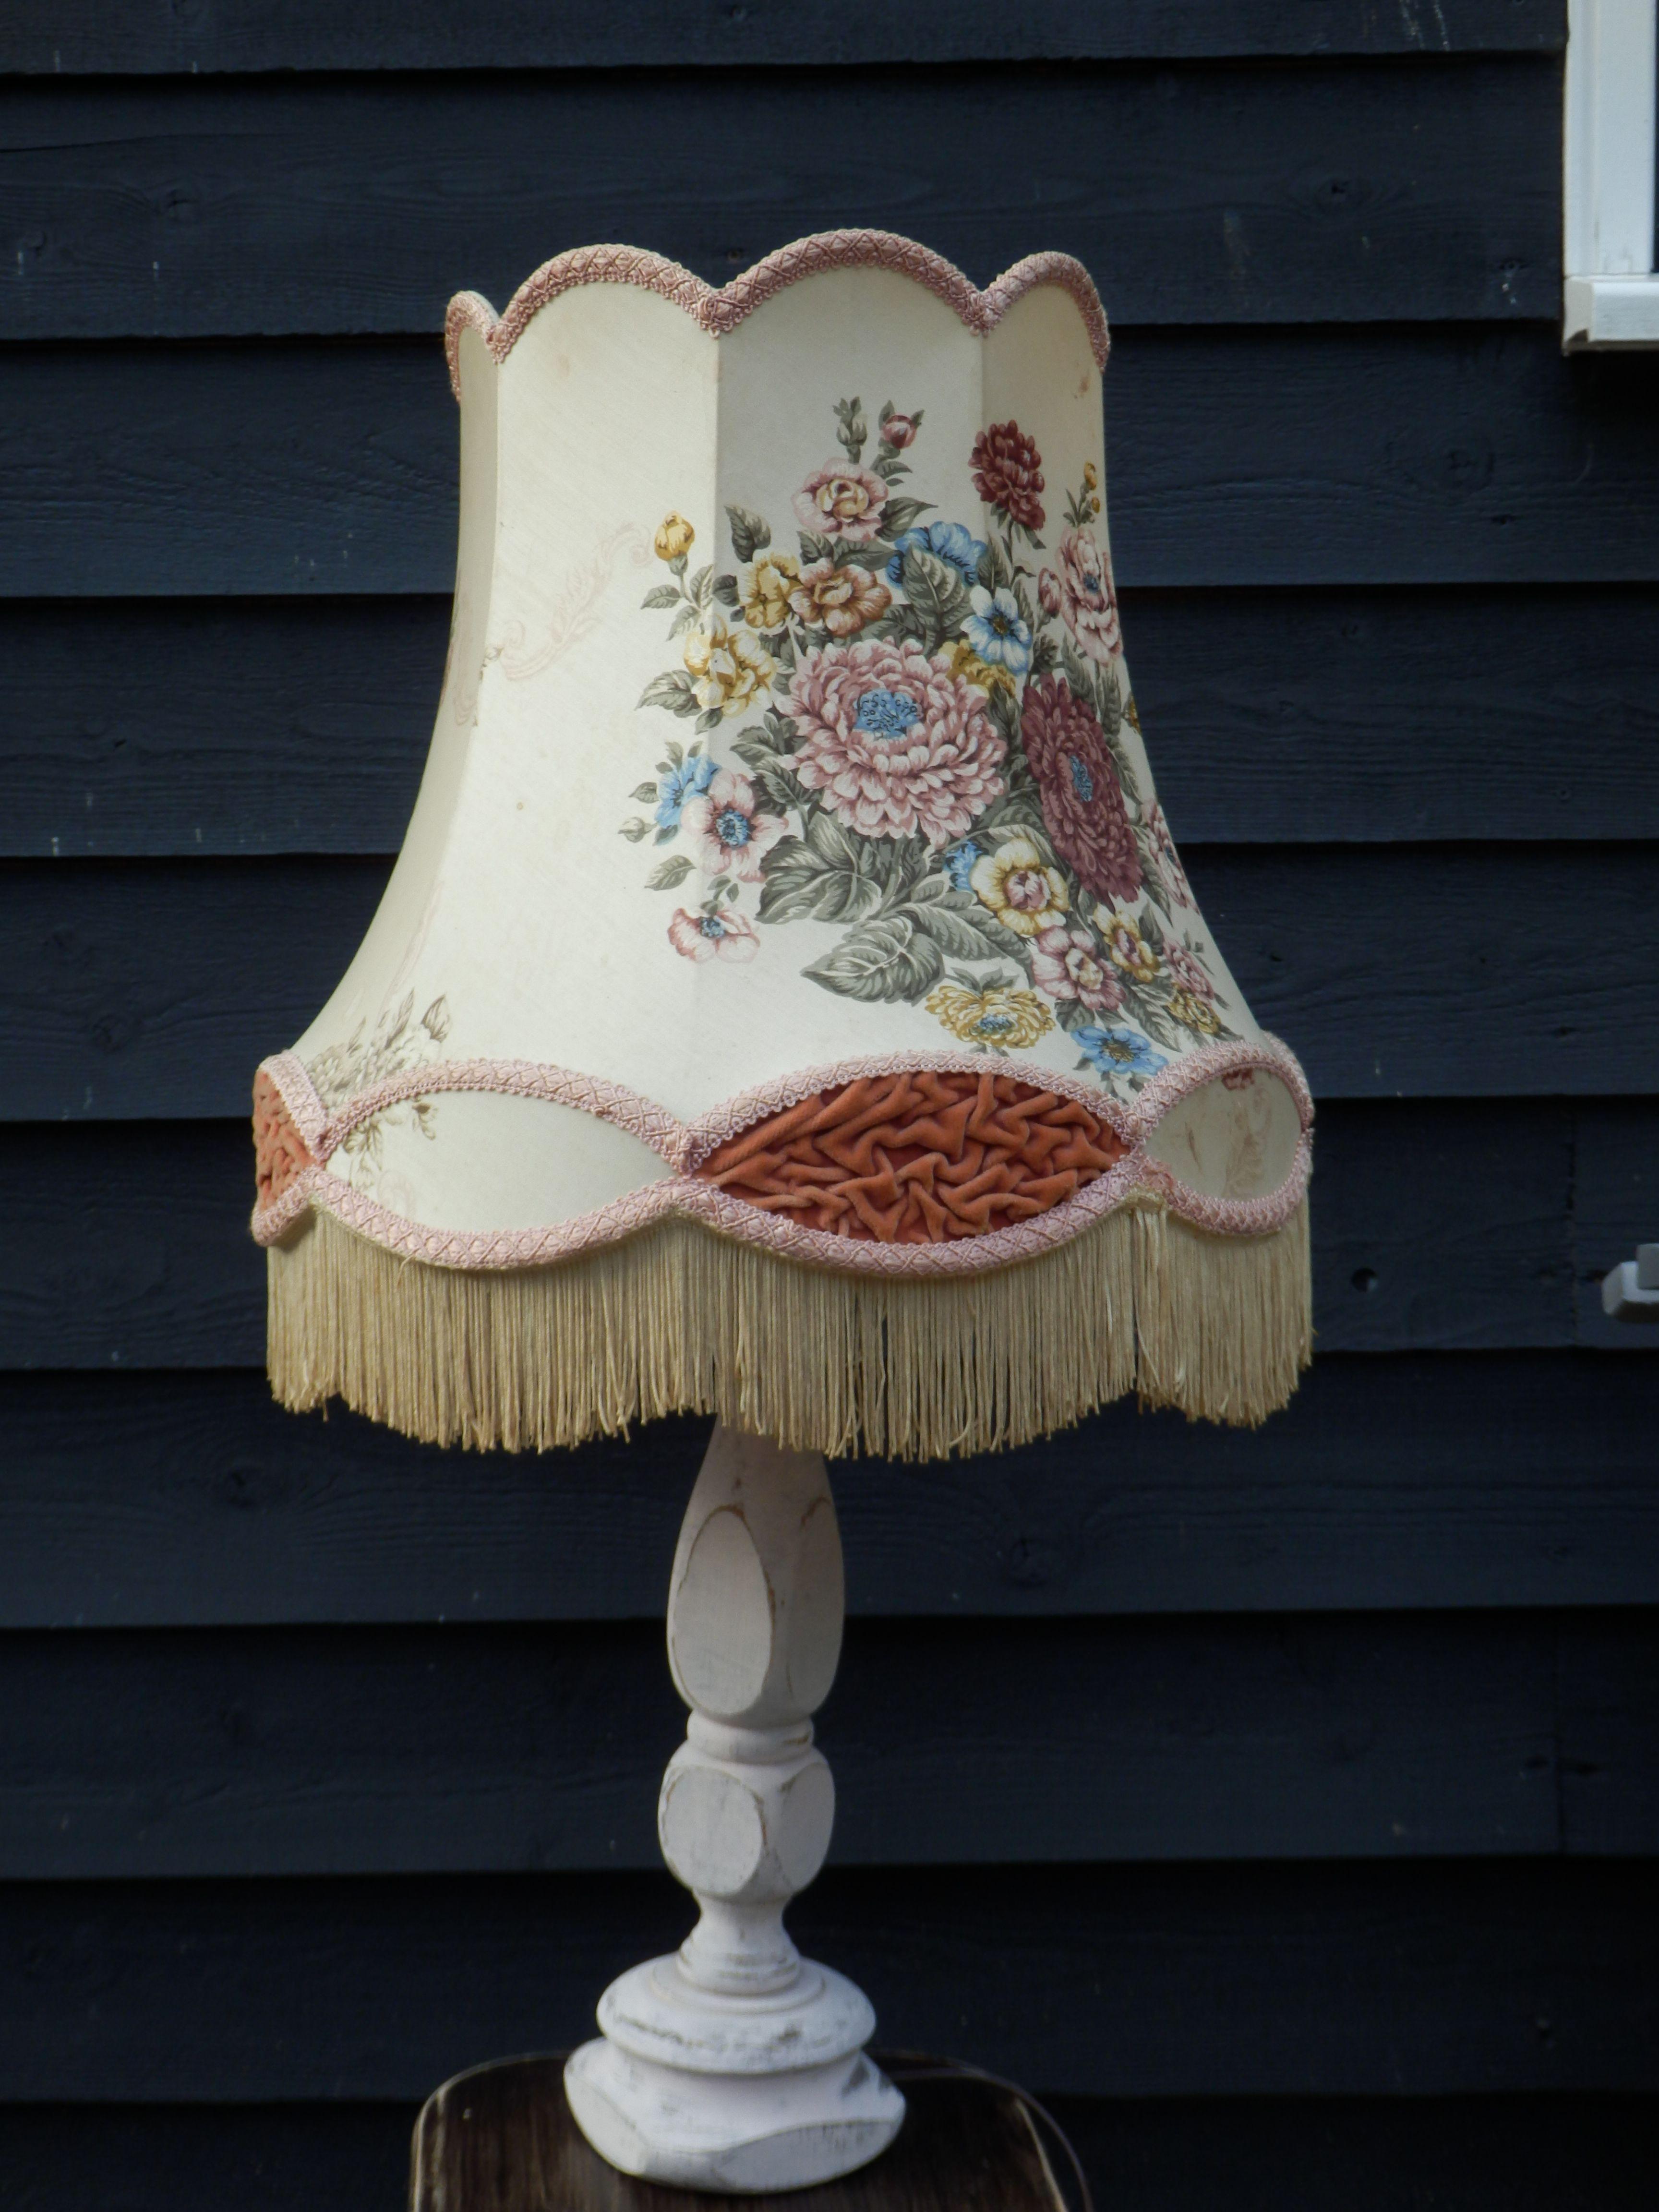 Verkocht. Geweldige oude schemerlamp. De zachtroze kap met bijzondere bloemmotieven, zalmkleurig fluweel en franje is een absolute blikvanger!